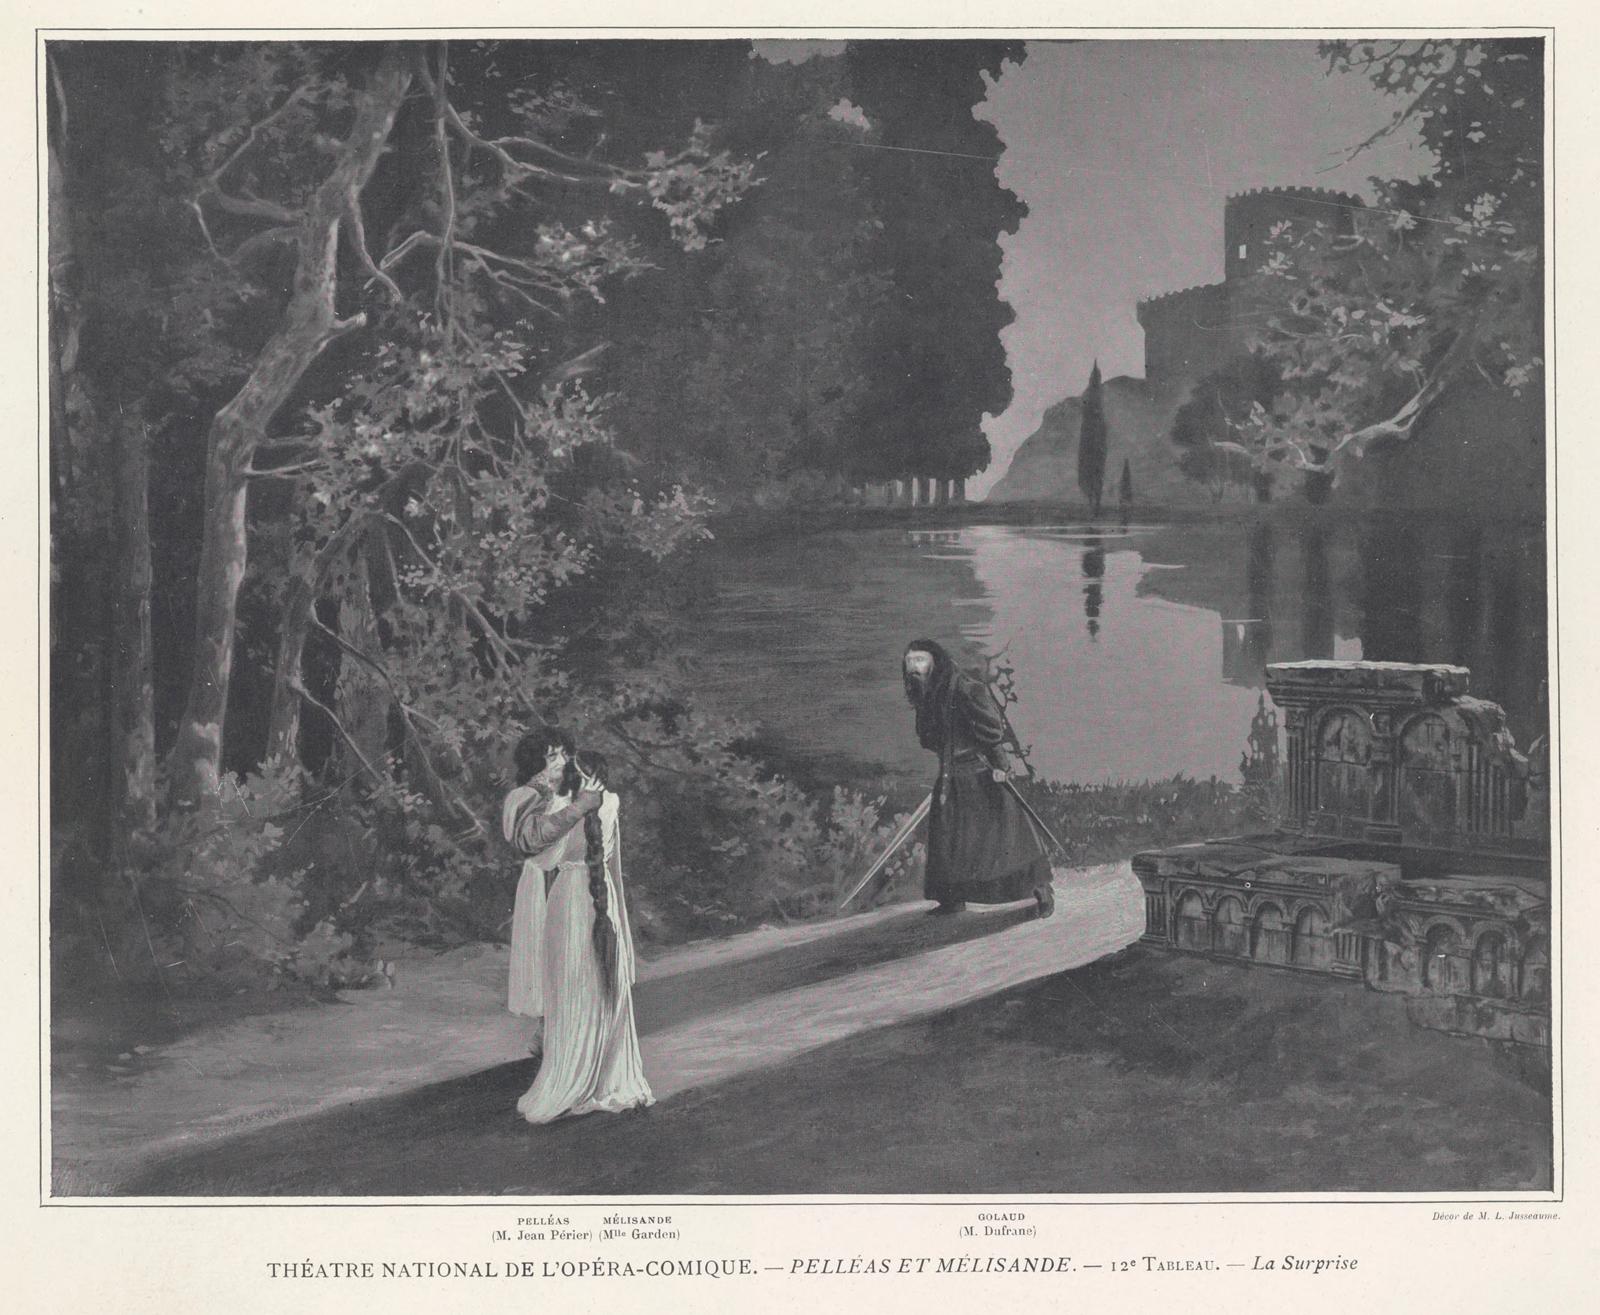 戈洛撞破佩利亞斯與梅麗桑德的幽會。這是 1902 年首演的場景設計圖;影子的方向跟劇本描述的相反!(Image: <i>Le Théatre</i> 1902, nr. 84)